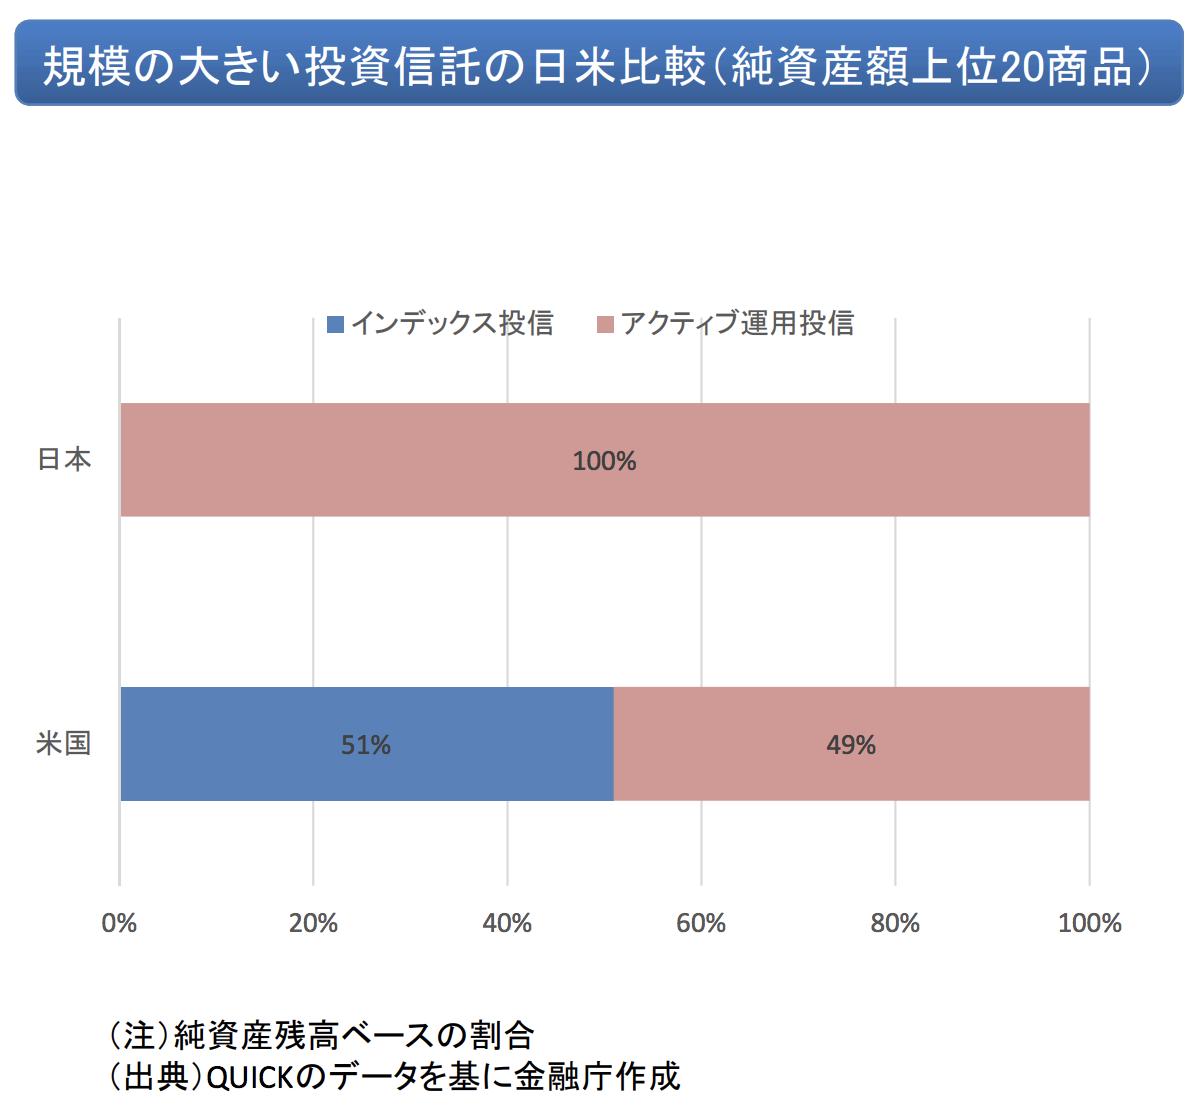 日本アクティブ型とパッシブ型投信の比率